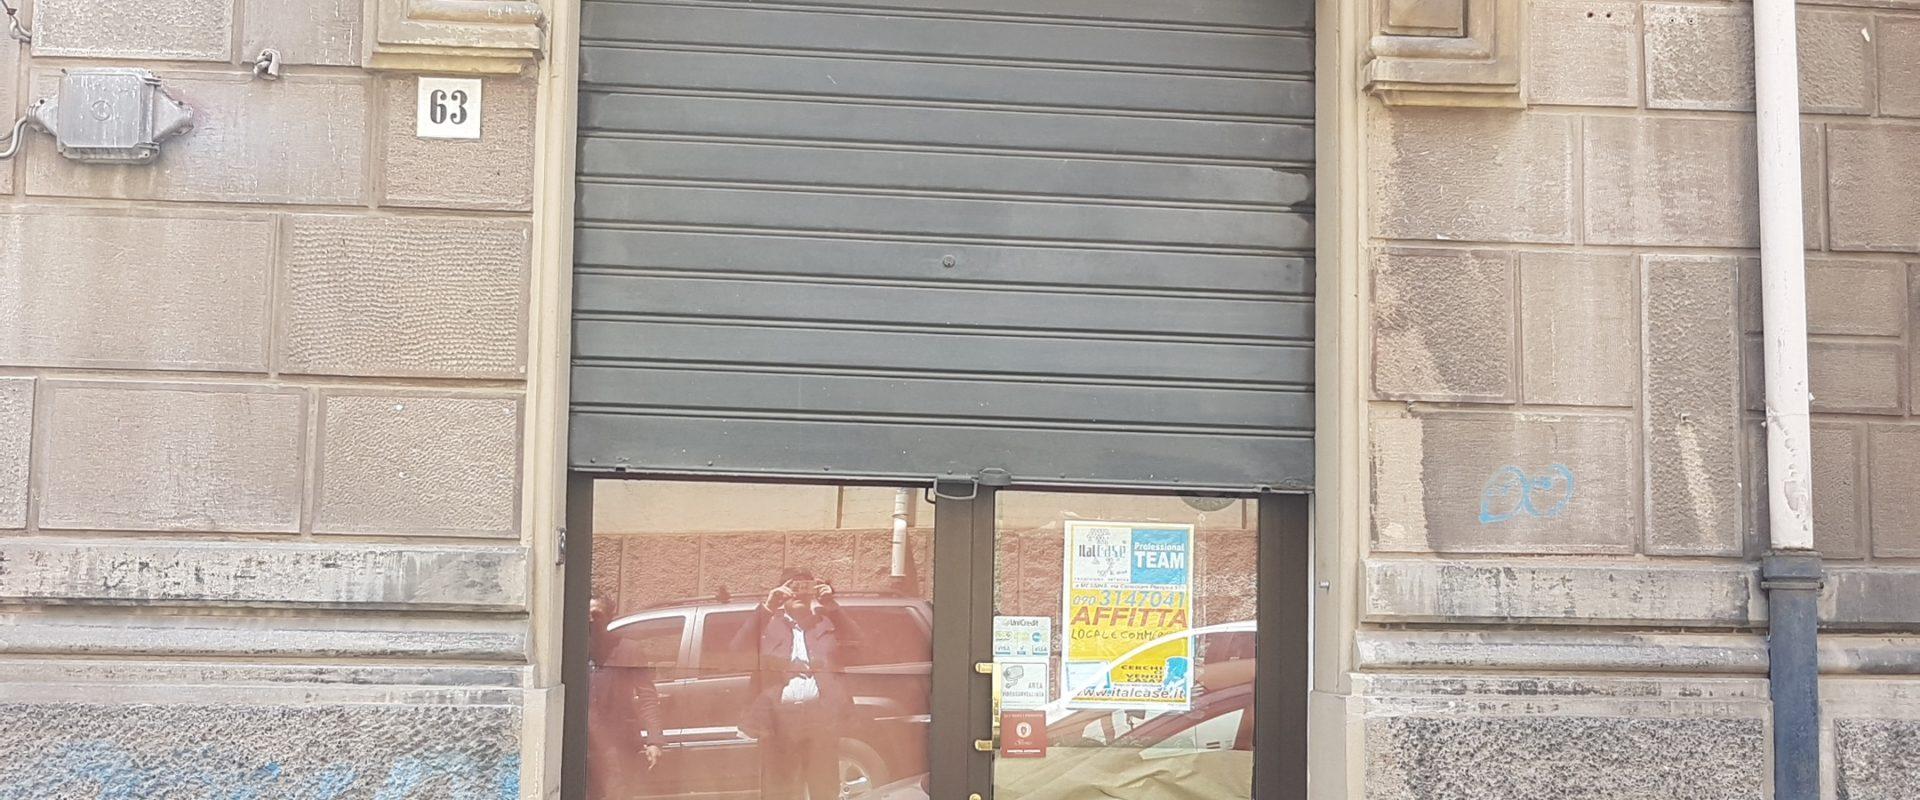 Locale commerciale ristrutturato in affitto pressi Via dei Verdi